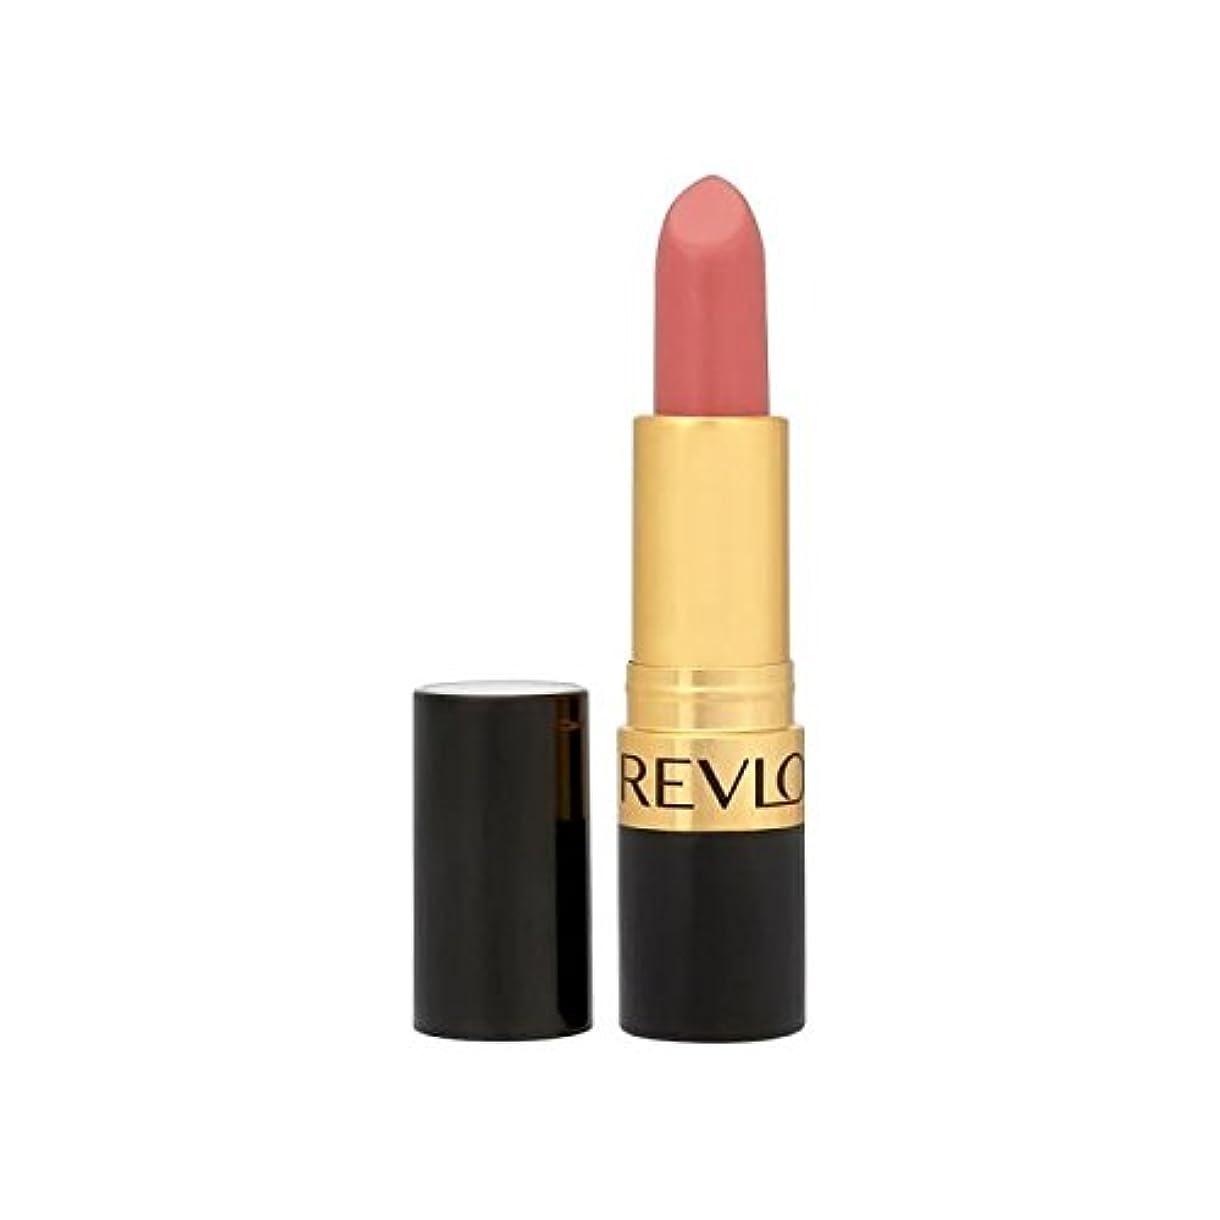 珍味解凍する、雪解け、霜解けちっちゃいRevlon Super Lustrous Lipstick Pink In The Afternoon 415 - 午後415でレブロンスーパー光沢のある口紅ピンク [並行輸入品]